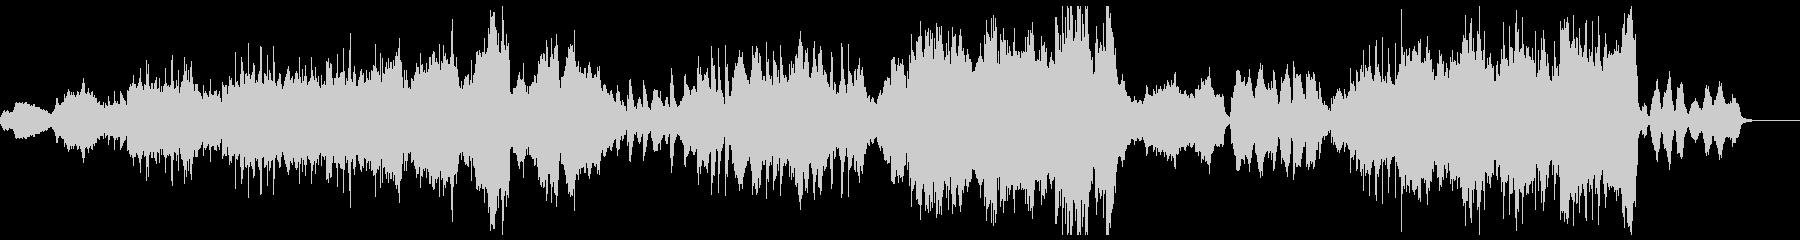 切ないピアノと弦楽器アンサンブルの未再生の波形